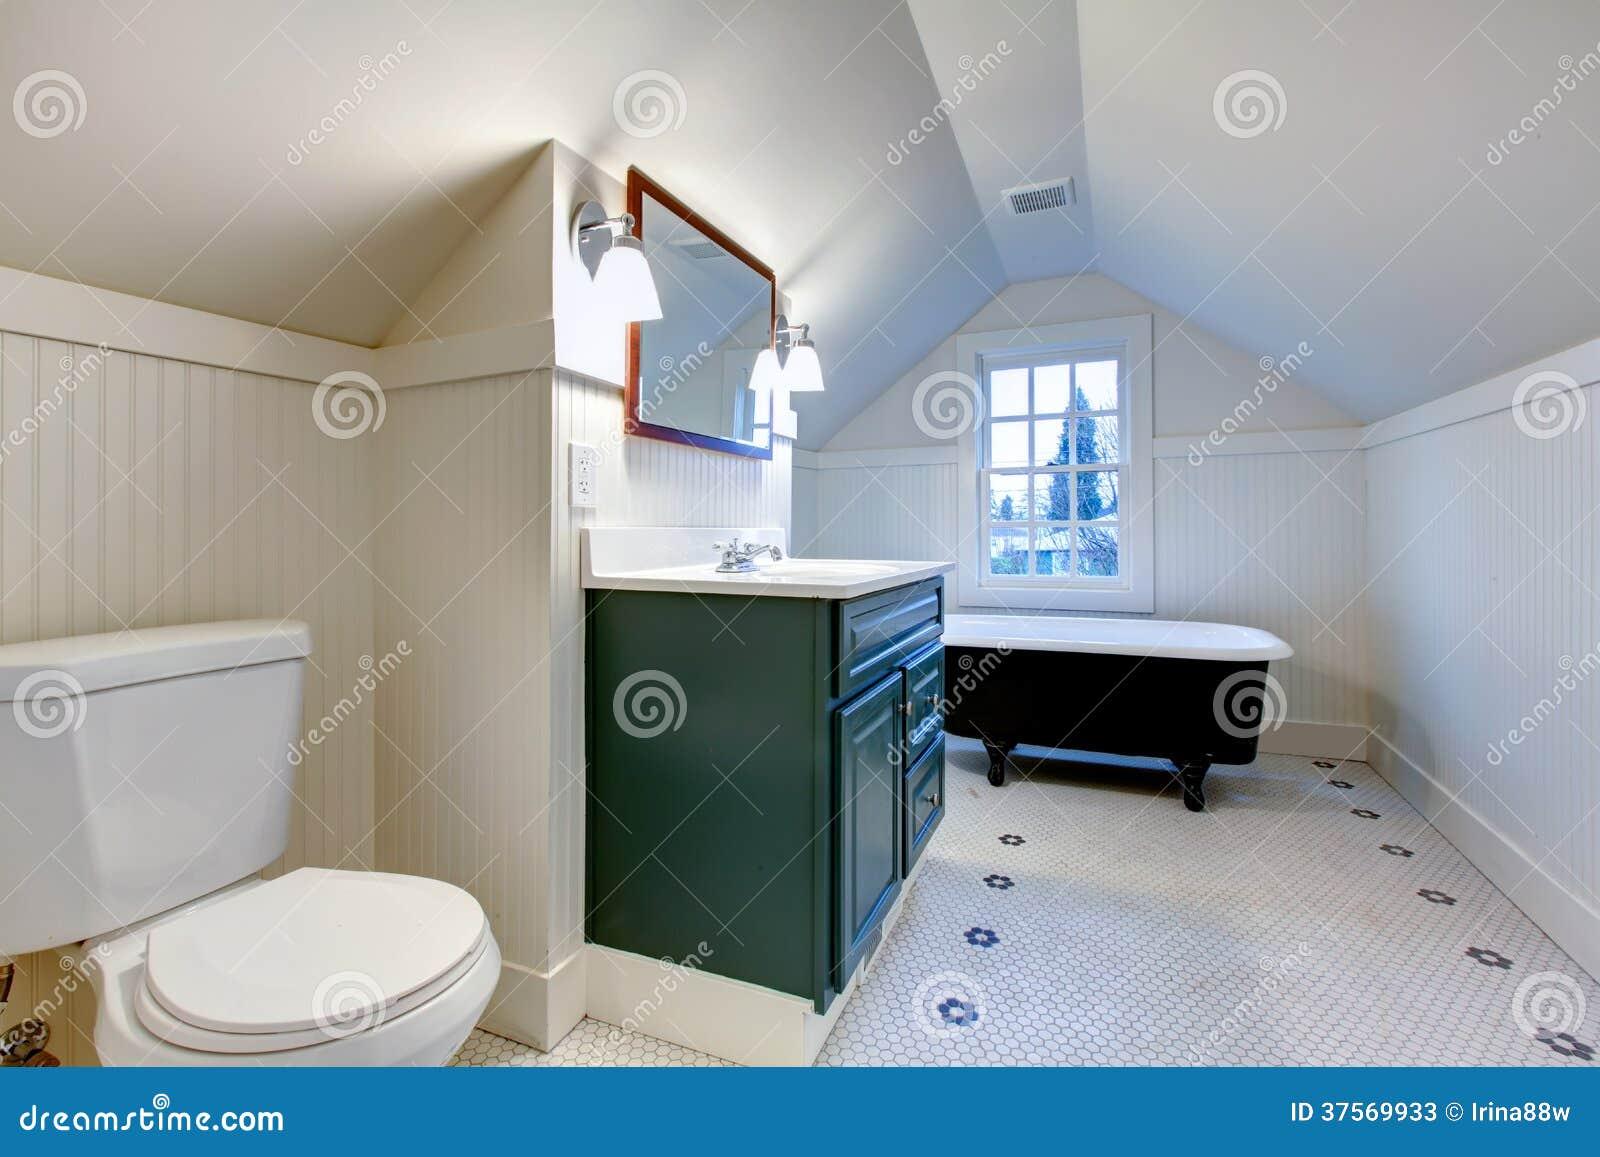 Vasca Da Bagno Stile Inglese : Bagno di rinfresco bianco con il tubo antico del bagno di stile